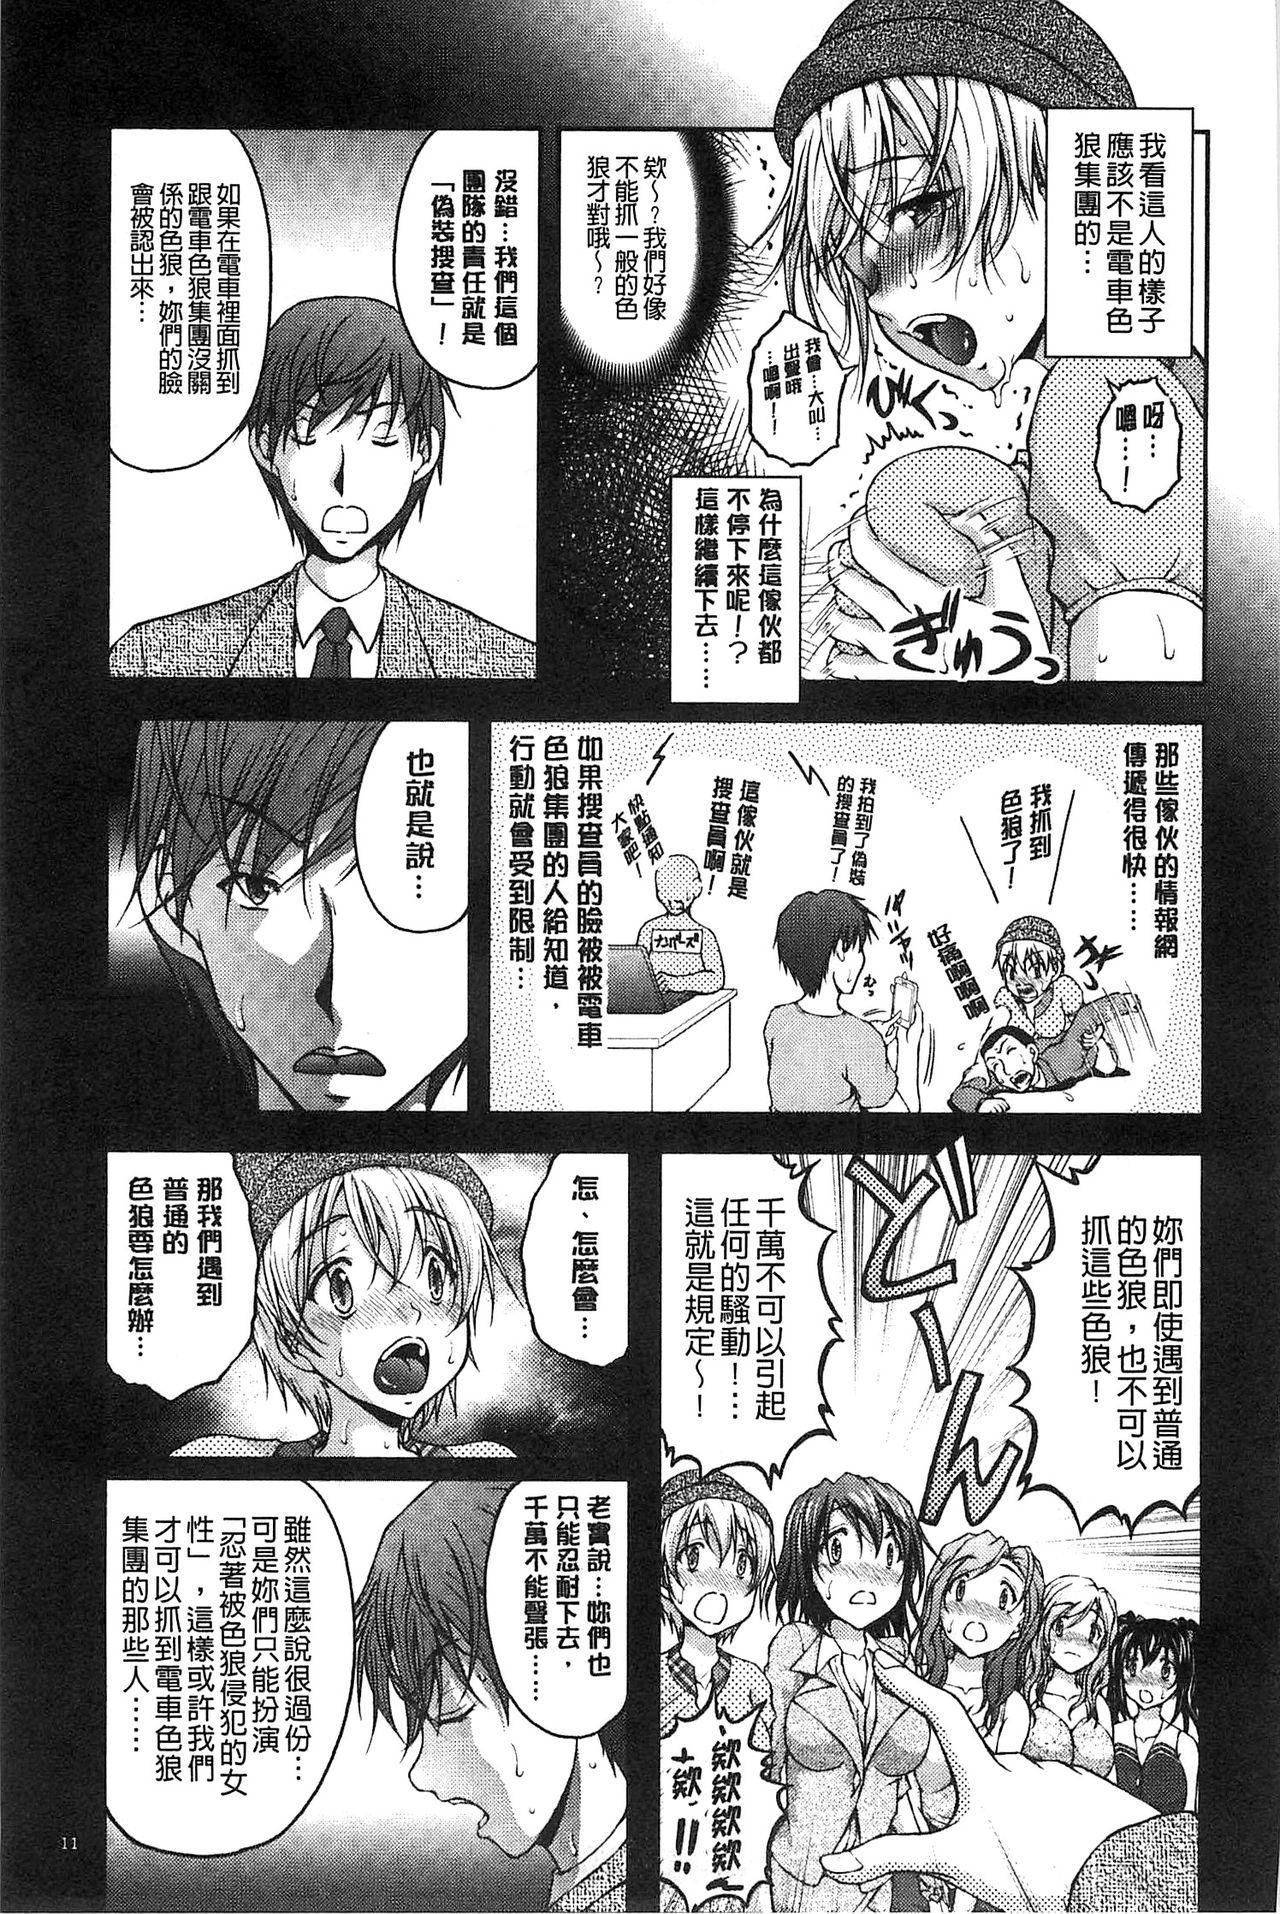 Tokumei Chikan Otori Sousahan | 特命痴漢誘捕的搜查班 17